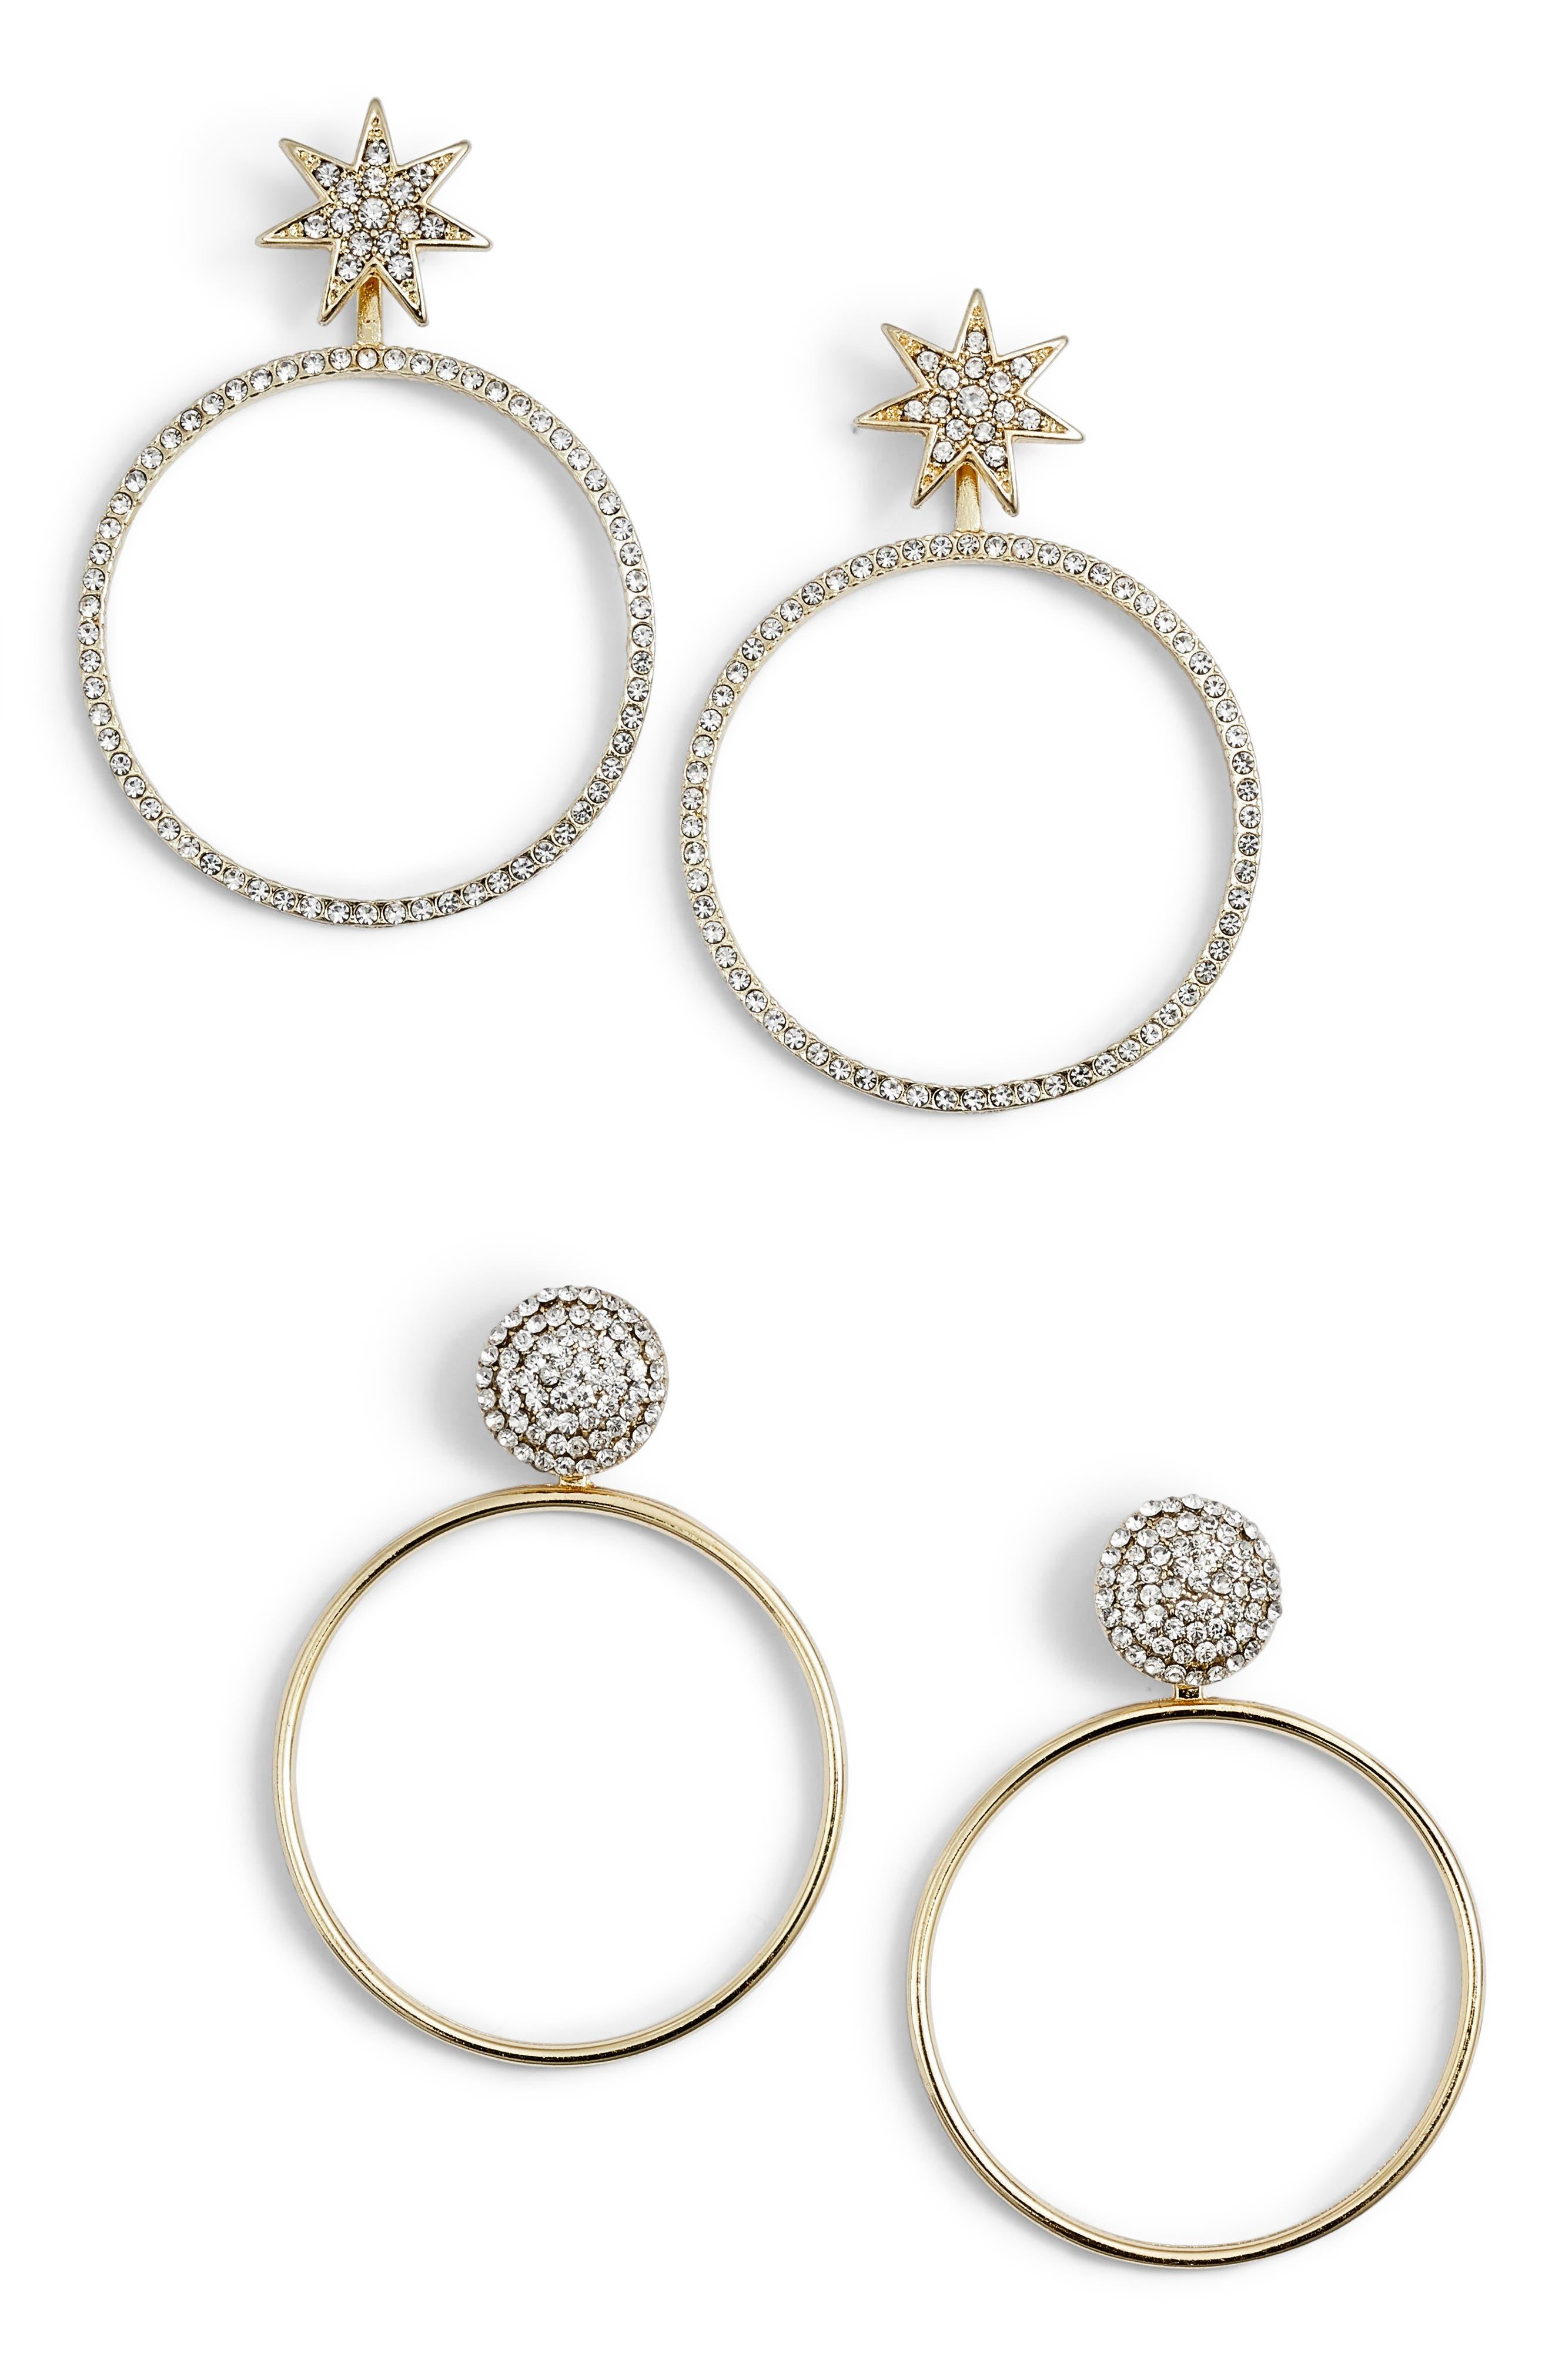 Twilight Set of 2 Hoop Earrings,                             Main thumbnail 1, color,                             GOLD